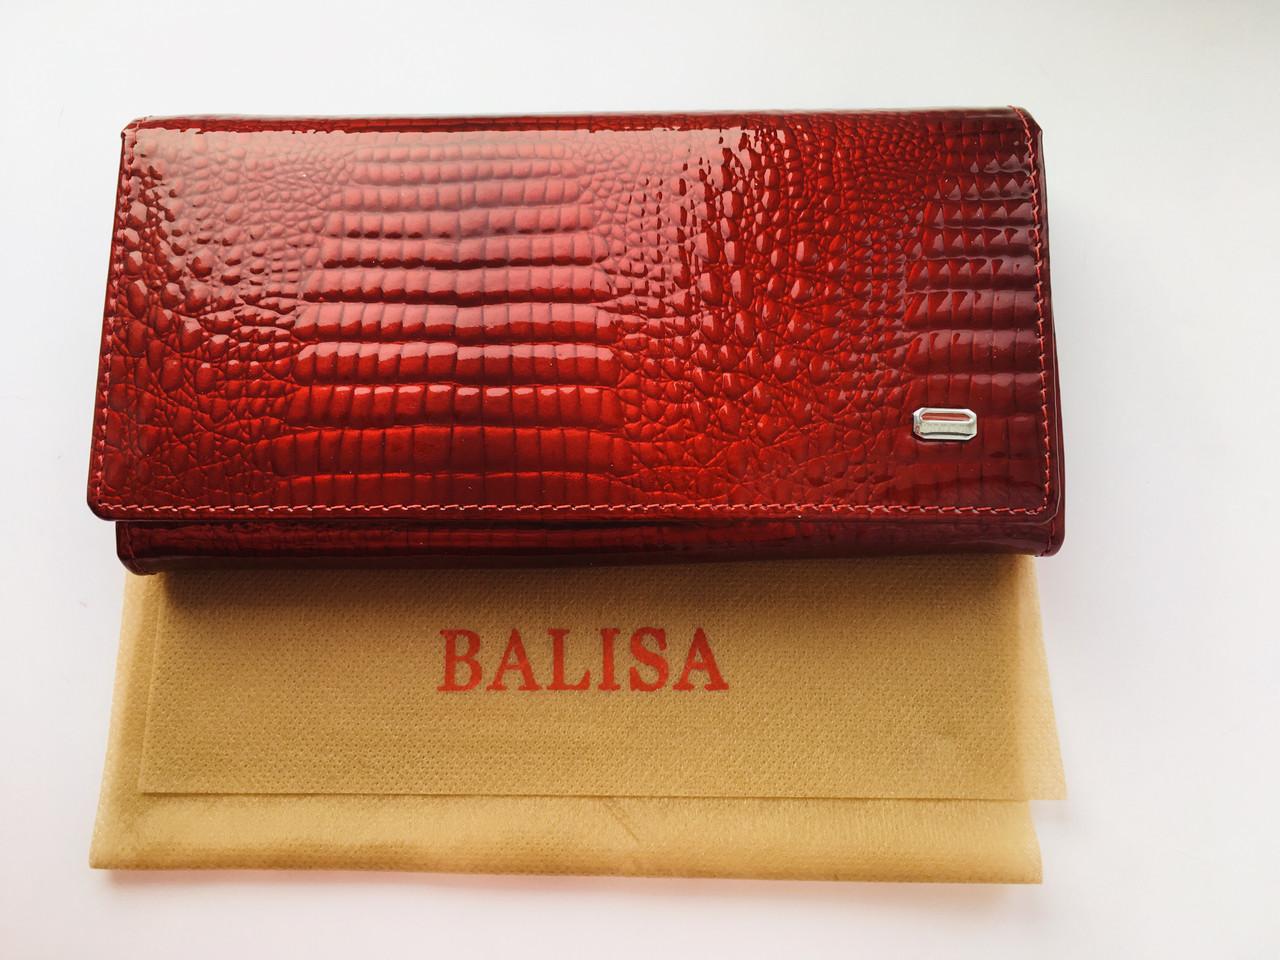 3abe830b8ad8 Лакированный кошелек из натуральной кожи Balisa Красный, цена 449 ...